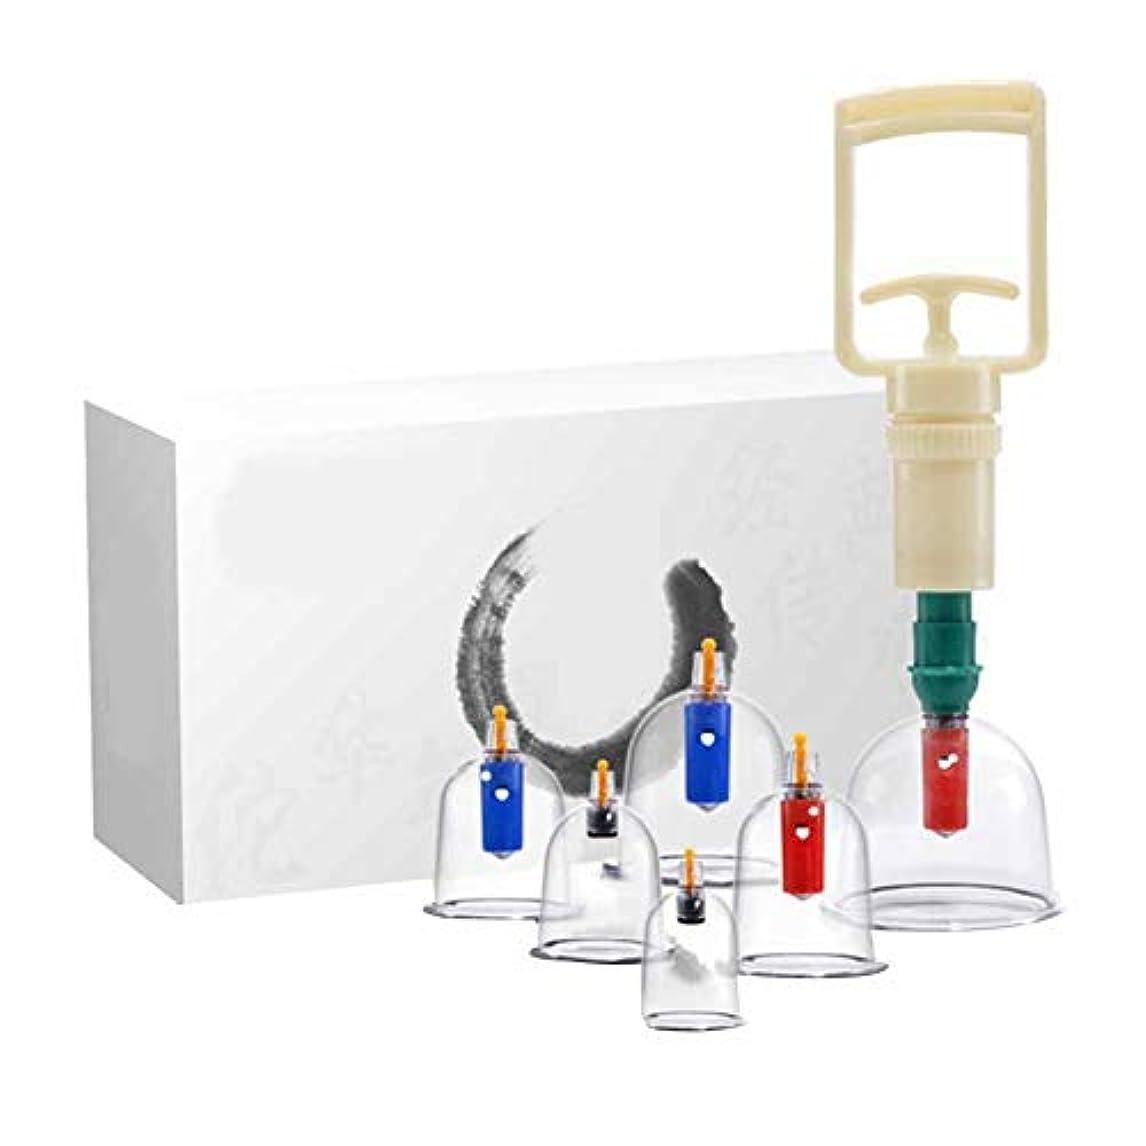 化合物要件バターカッピングセラピーセット、プレミアム透明プラスチック製中国式ツボカッピングセラピーセット、ポータブルパッケージ、筋肉痛の軽減に最適(6カップ)